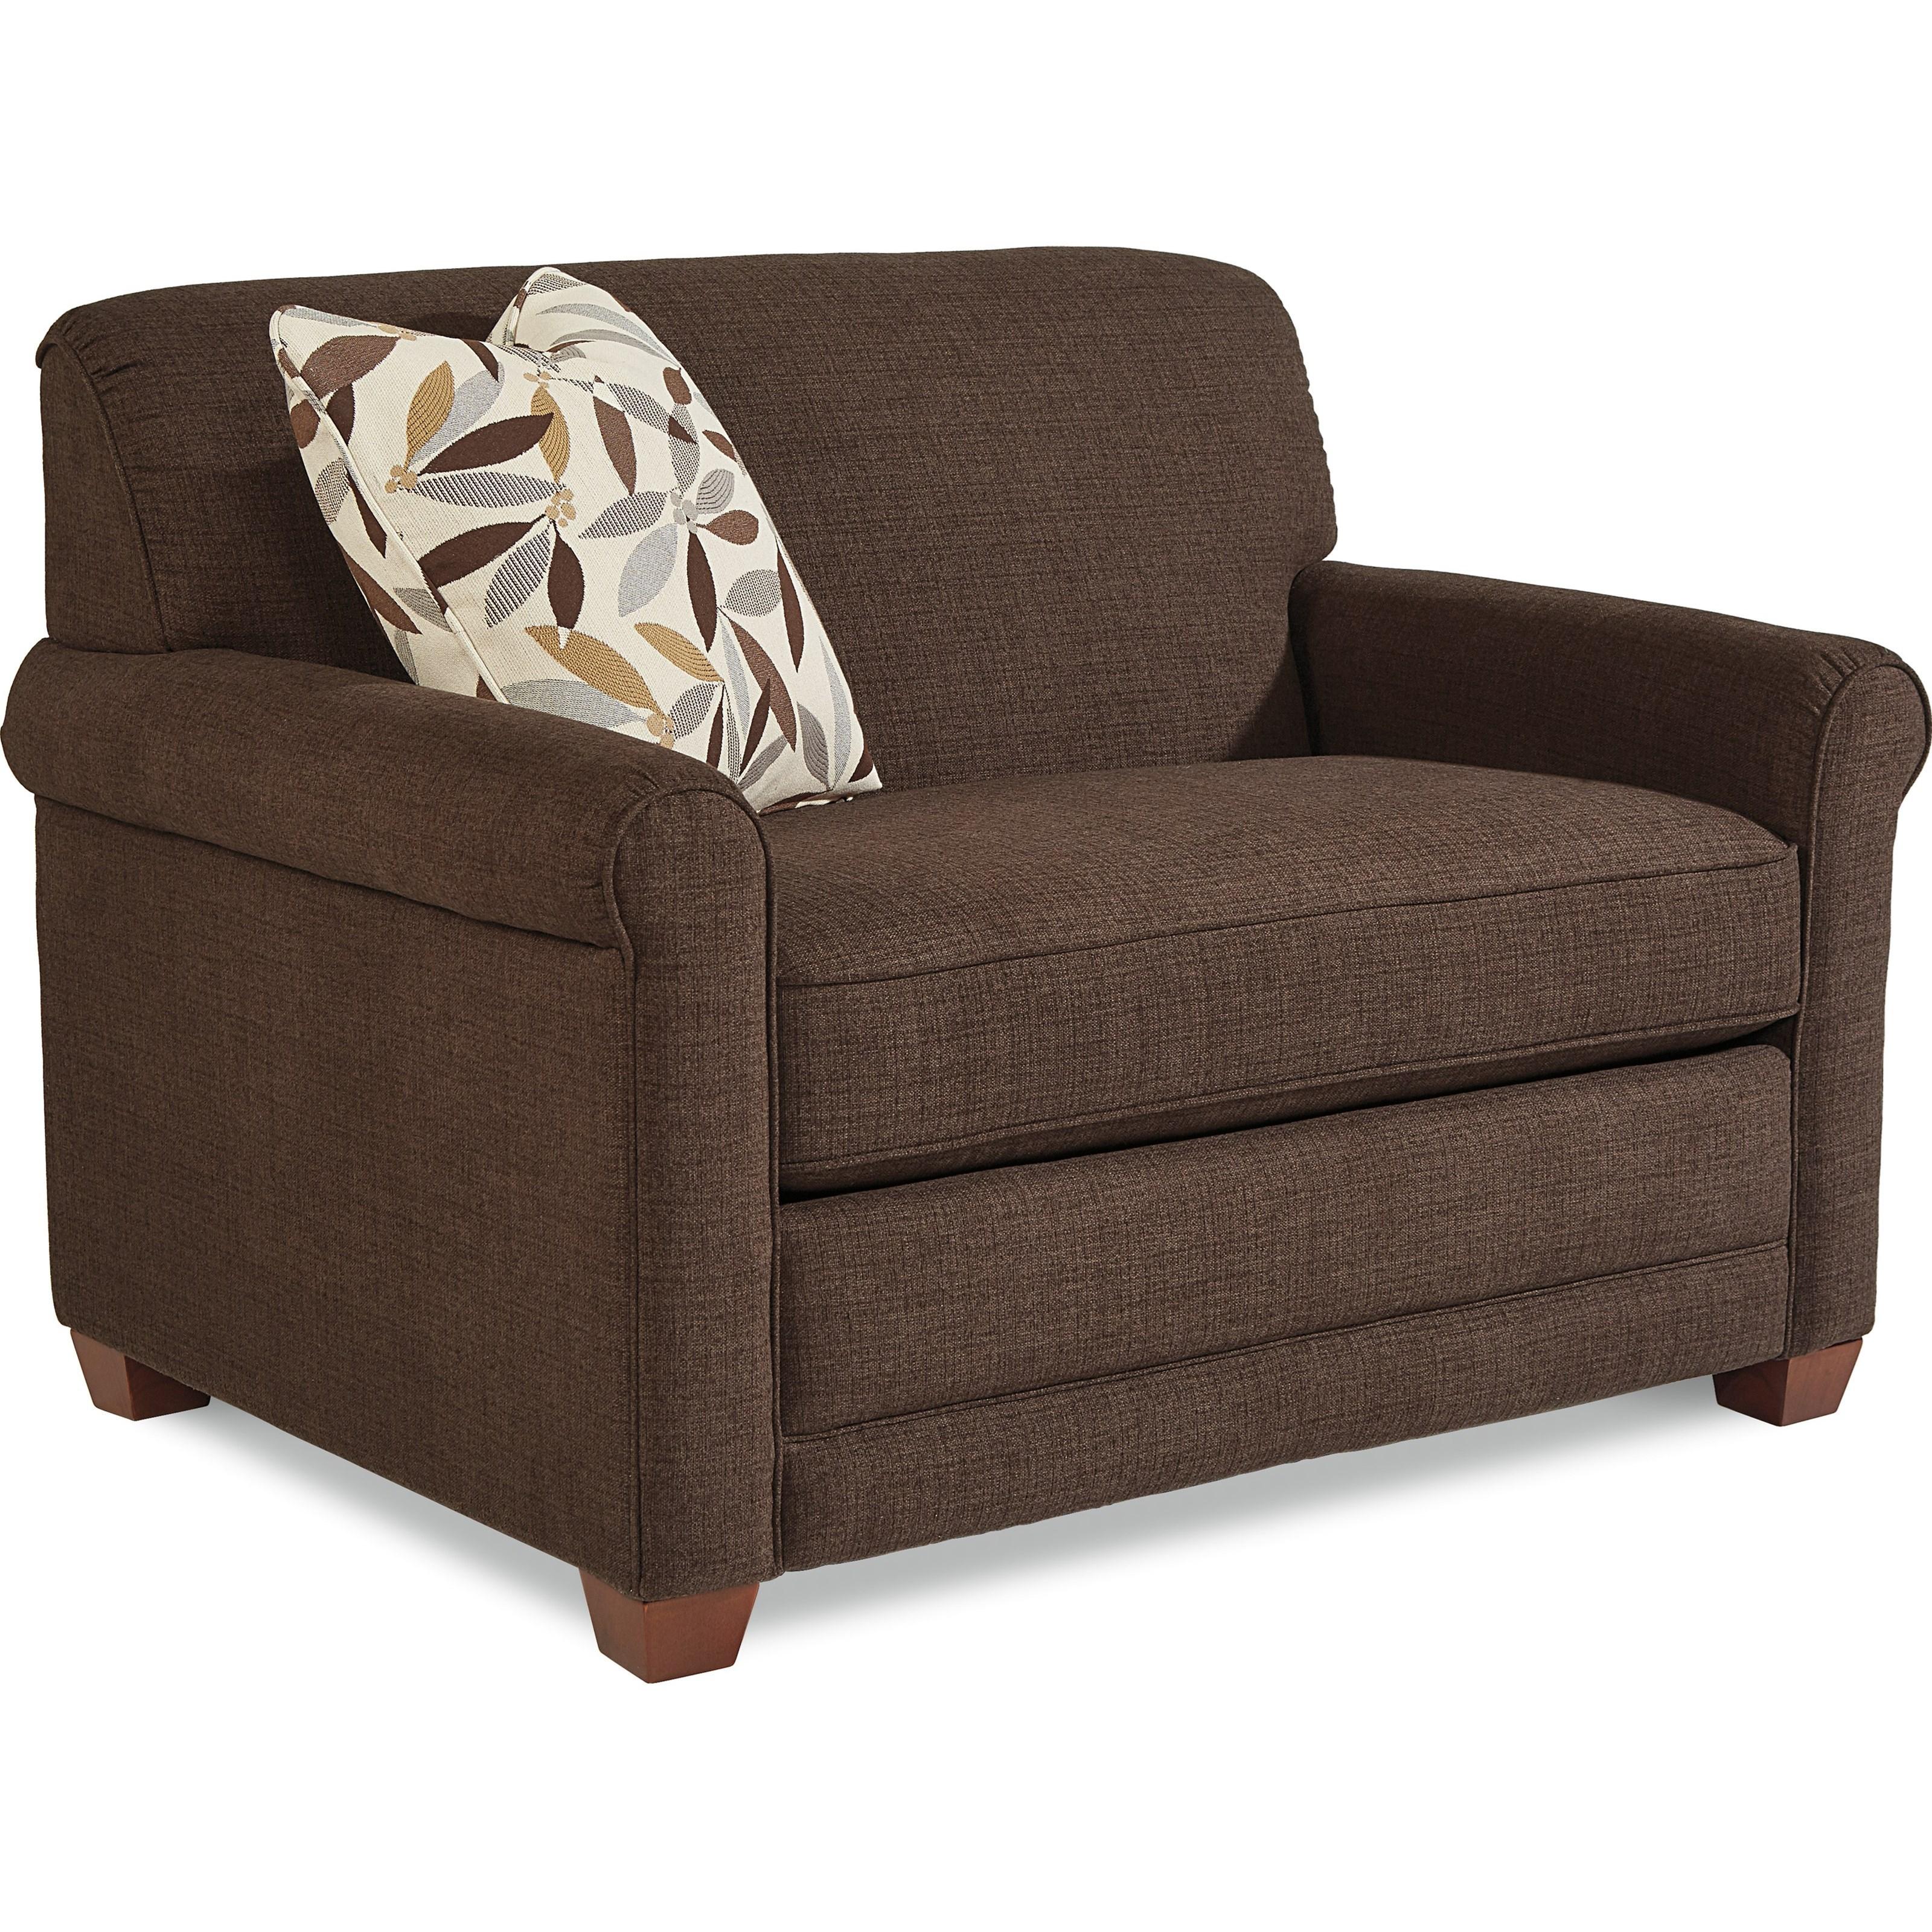 Charmant ... La Z Boy AmandaLa Z Boy® Premier Chair And